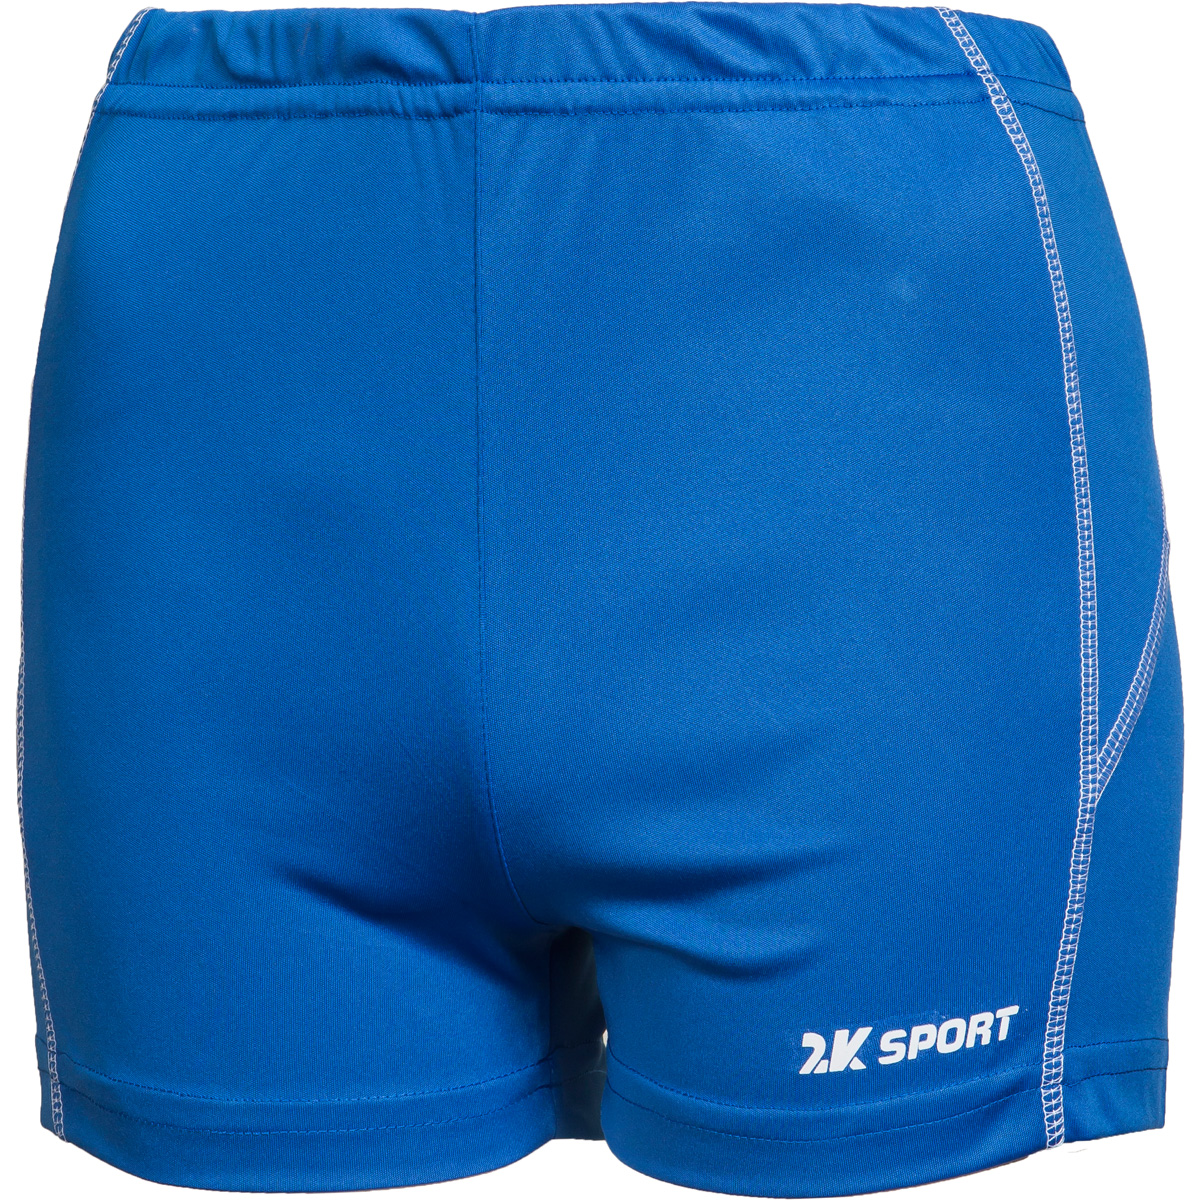 Шорты волейбольные женские 2K Sport Energy, цвет: синий. 140043. Размер XS (40/42)140043_royalОблегающие женские волейбольные шорты с контрастными полосами по бокам. Эластичная ткань не стесняет в движениях, но при этом обладает высокой износостойкостью и отлично сохраняет форму.